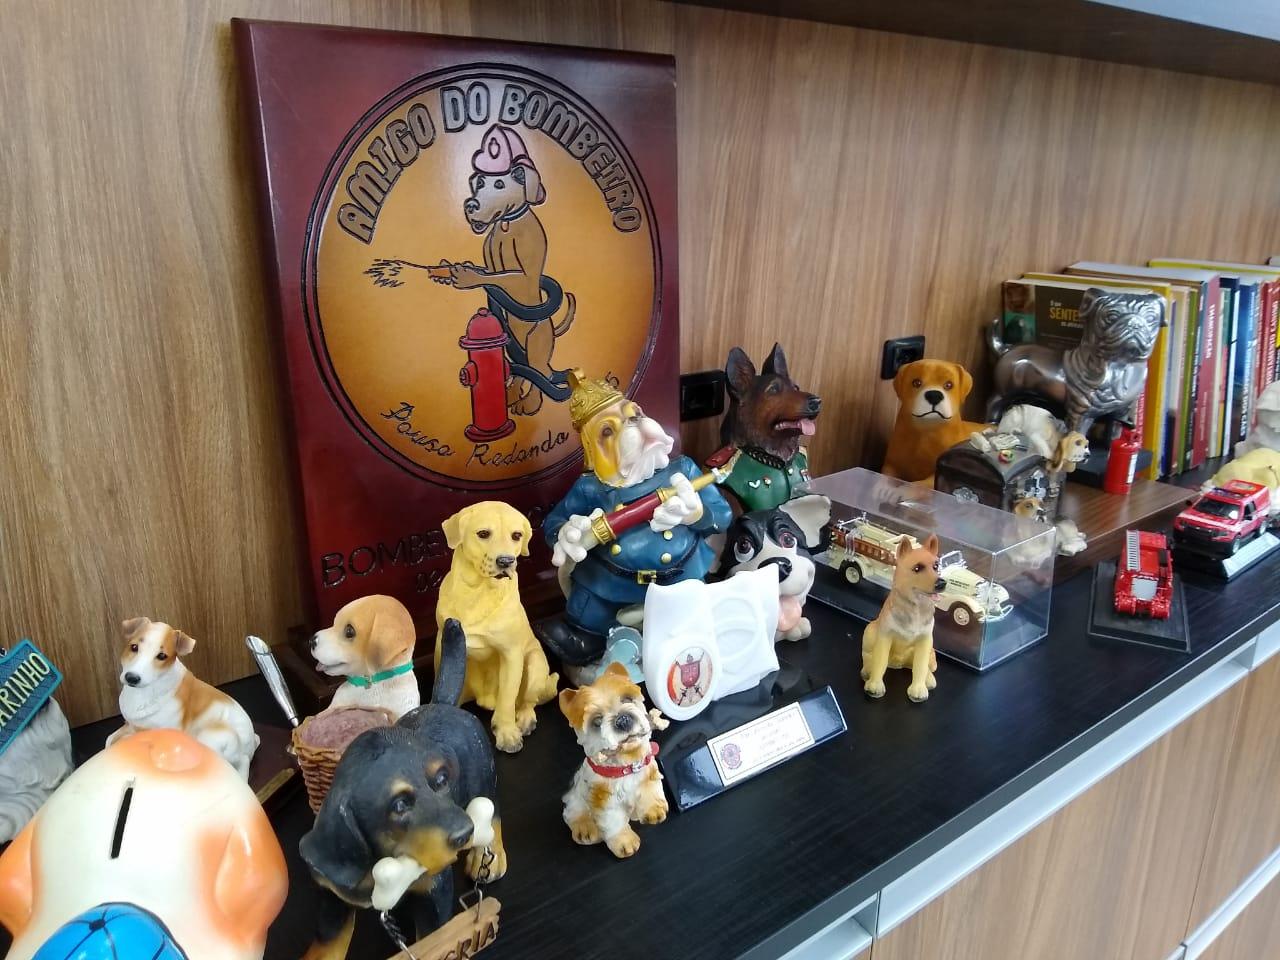 Para Parizotto, os cachorros em miniatura transmitem inspiração para continuar atuando com a cinotecnia, treinamento com cães - Carolina Debiasi/ND